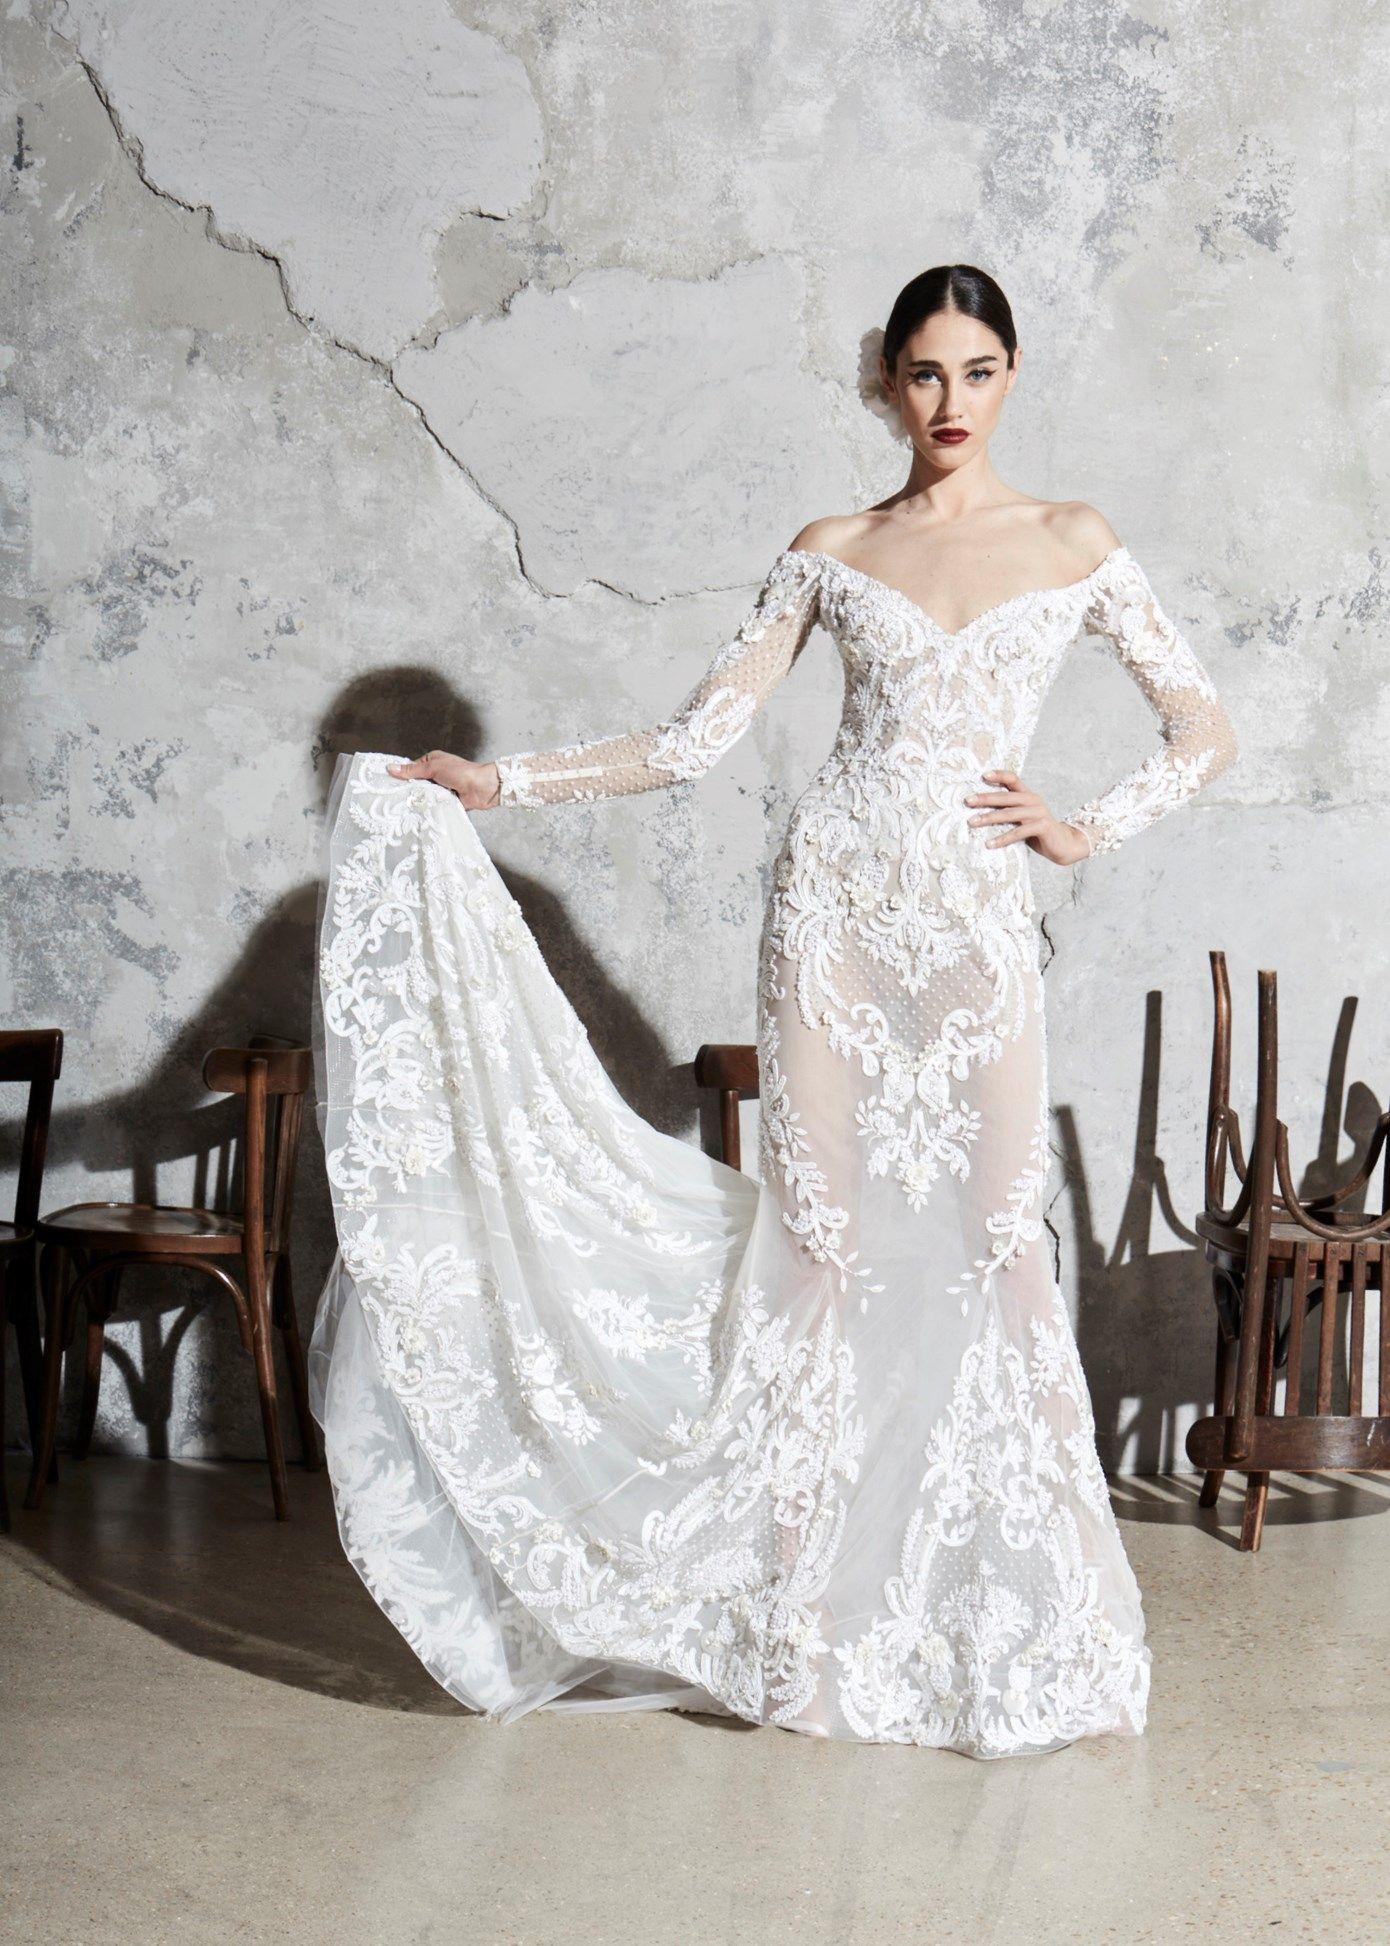 Abiti Da Sposa Zuhair Murad Prezzi.Zuhair Murad Bridal Collection Spring 2020 Attualita E Tradizione